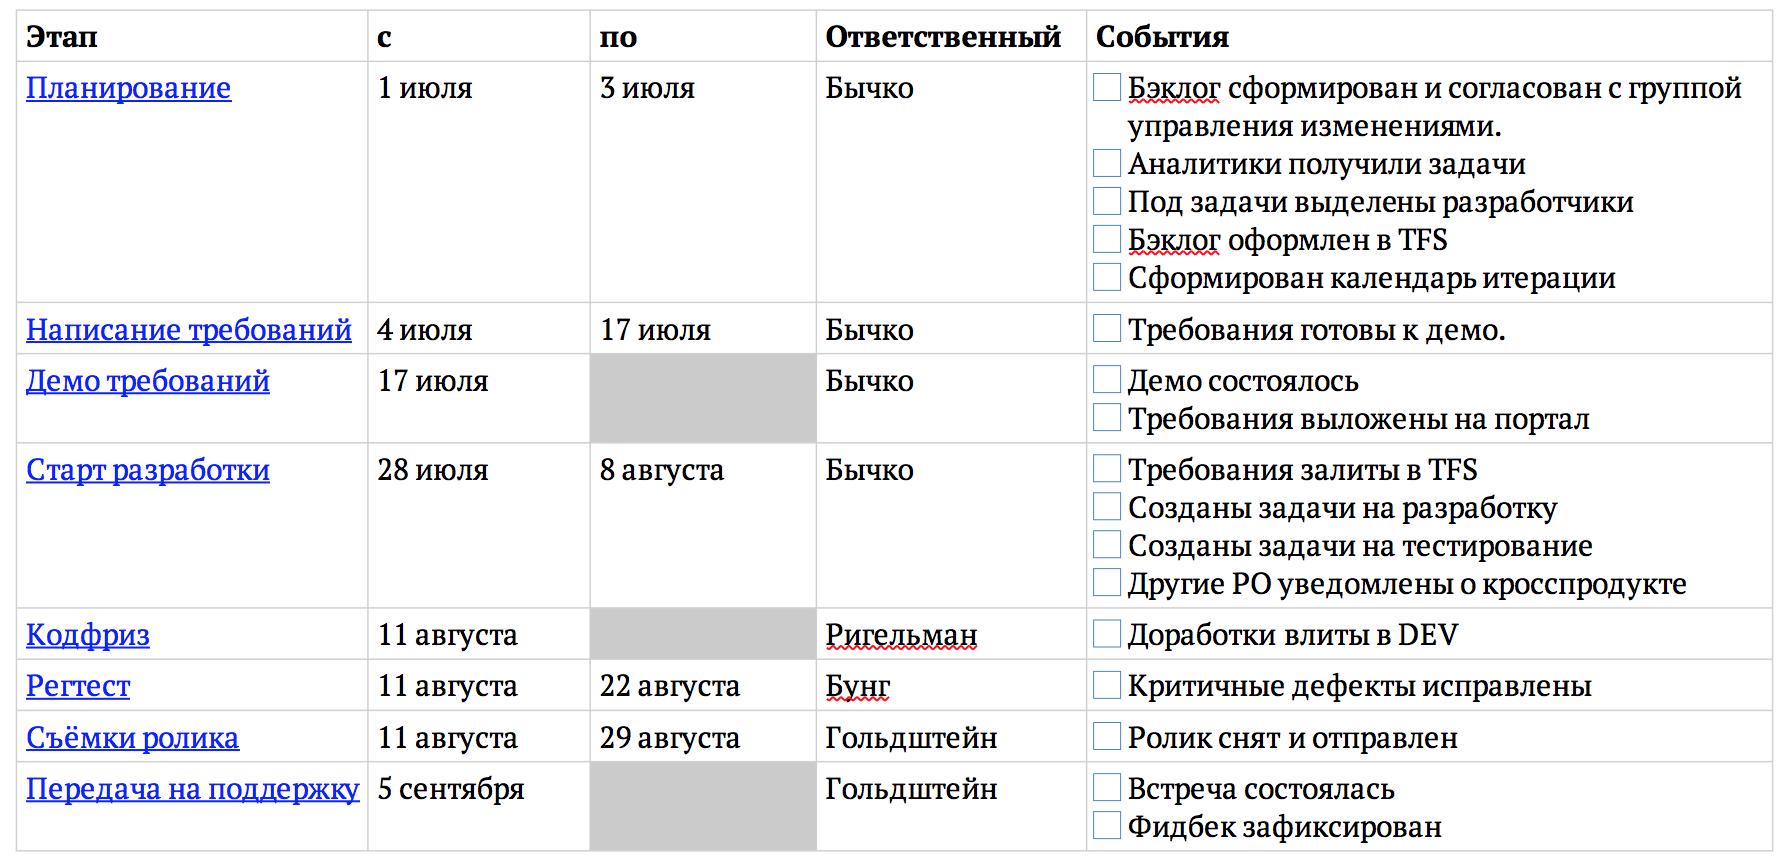 Карта контрольных проверок